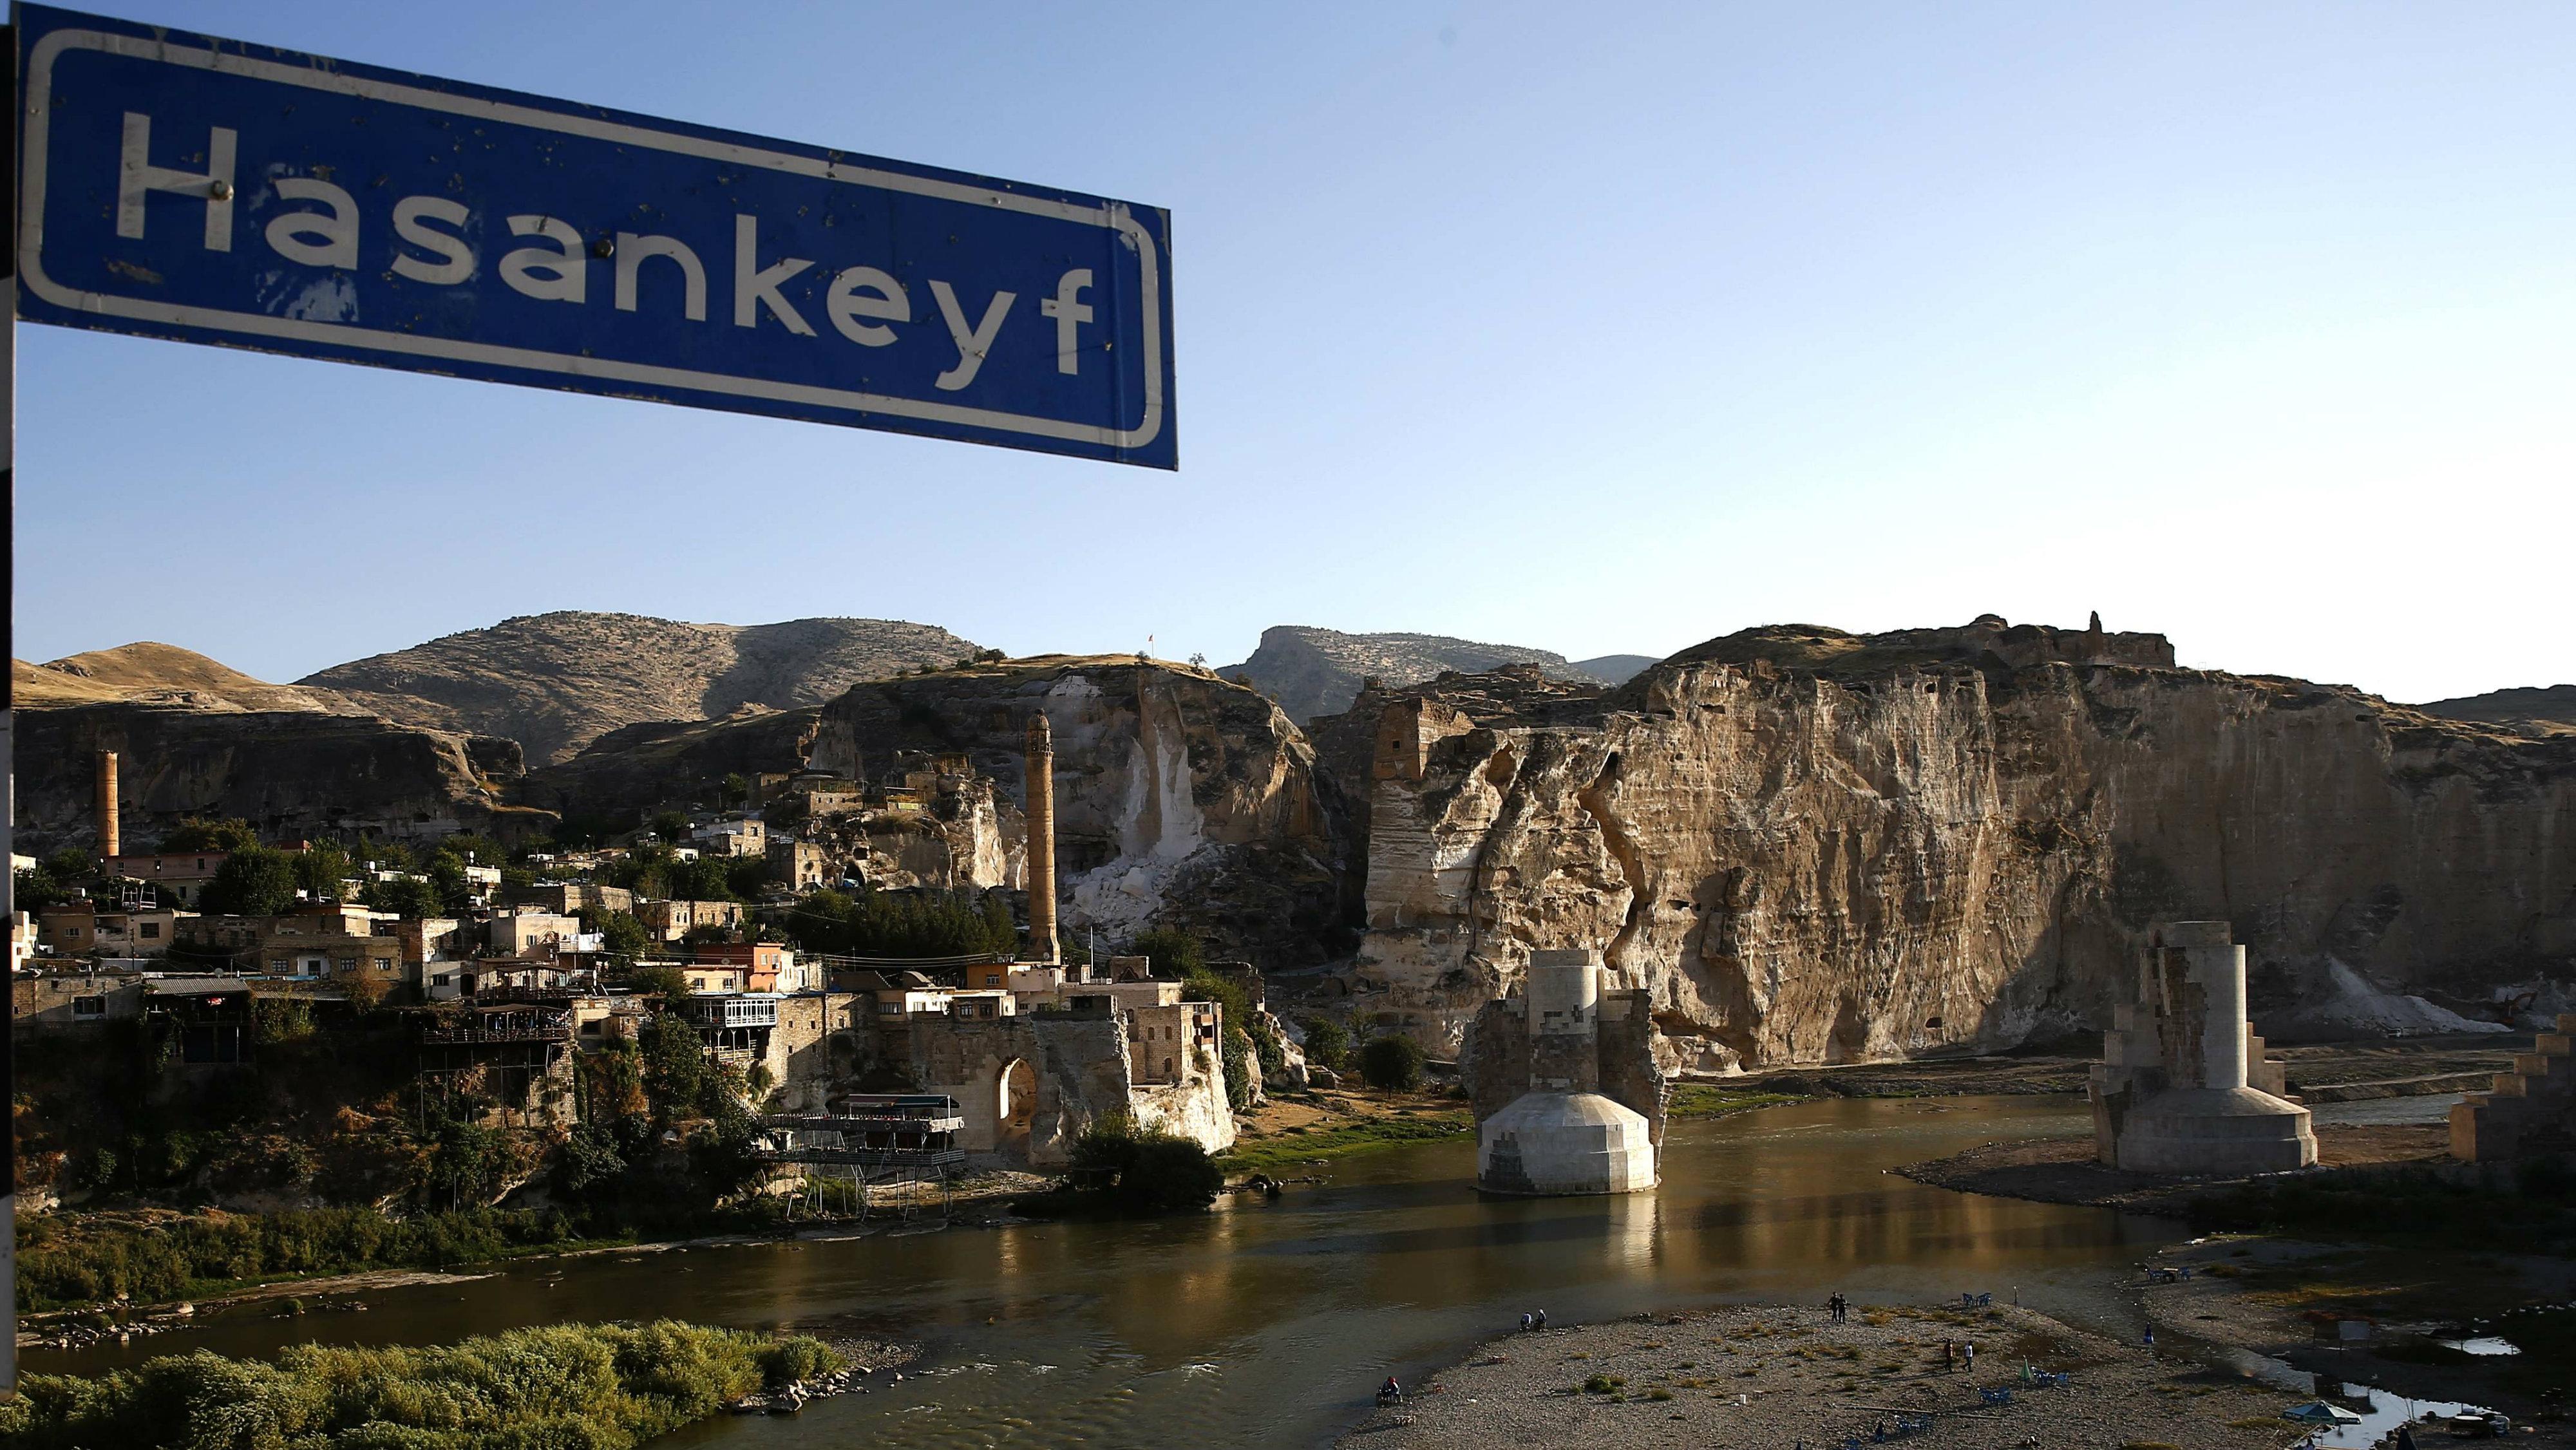 Zašto drevni grad Hasankejf u Turskoj odbrojava dane do nestanka? 4